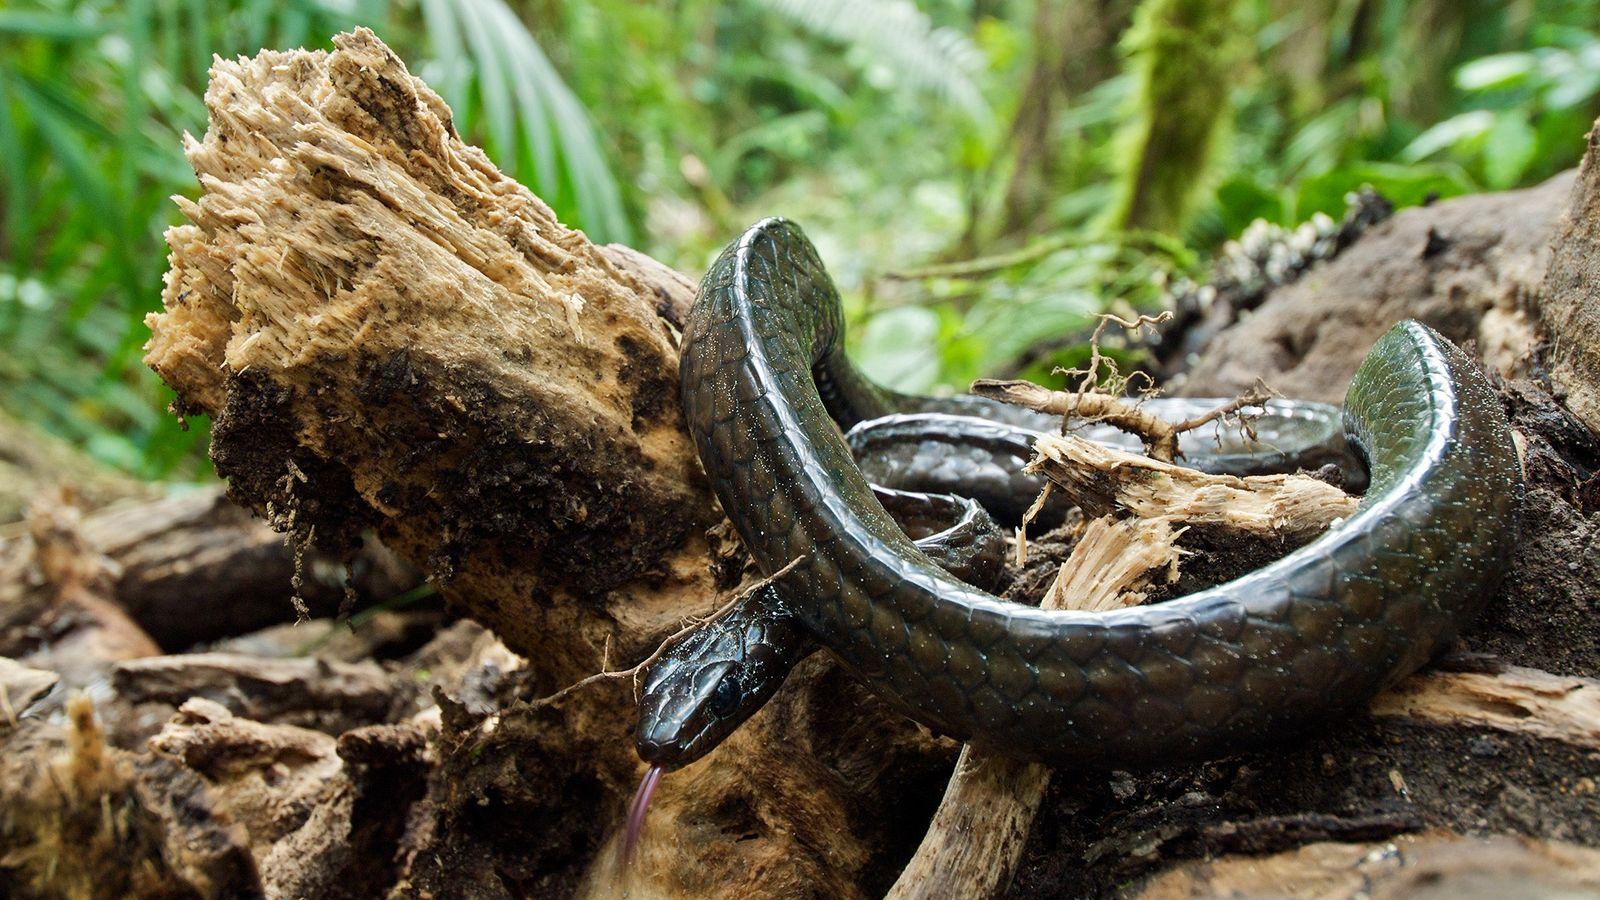 Serpentes tropicais estão desaparecendo por surto fúngico que tem dizimado suas presas